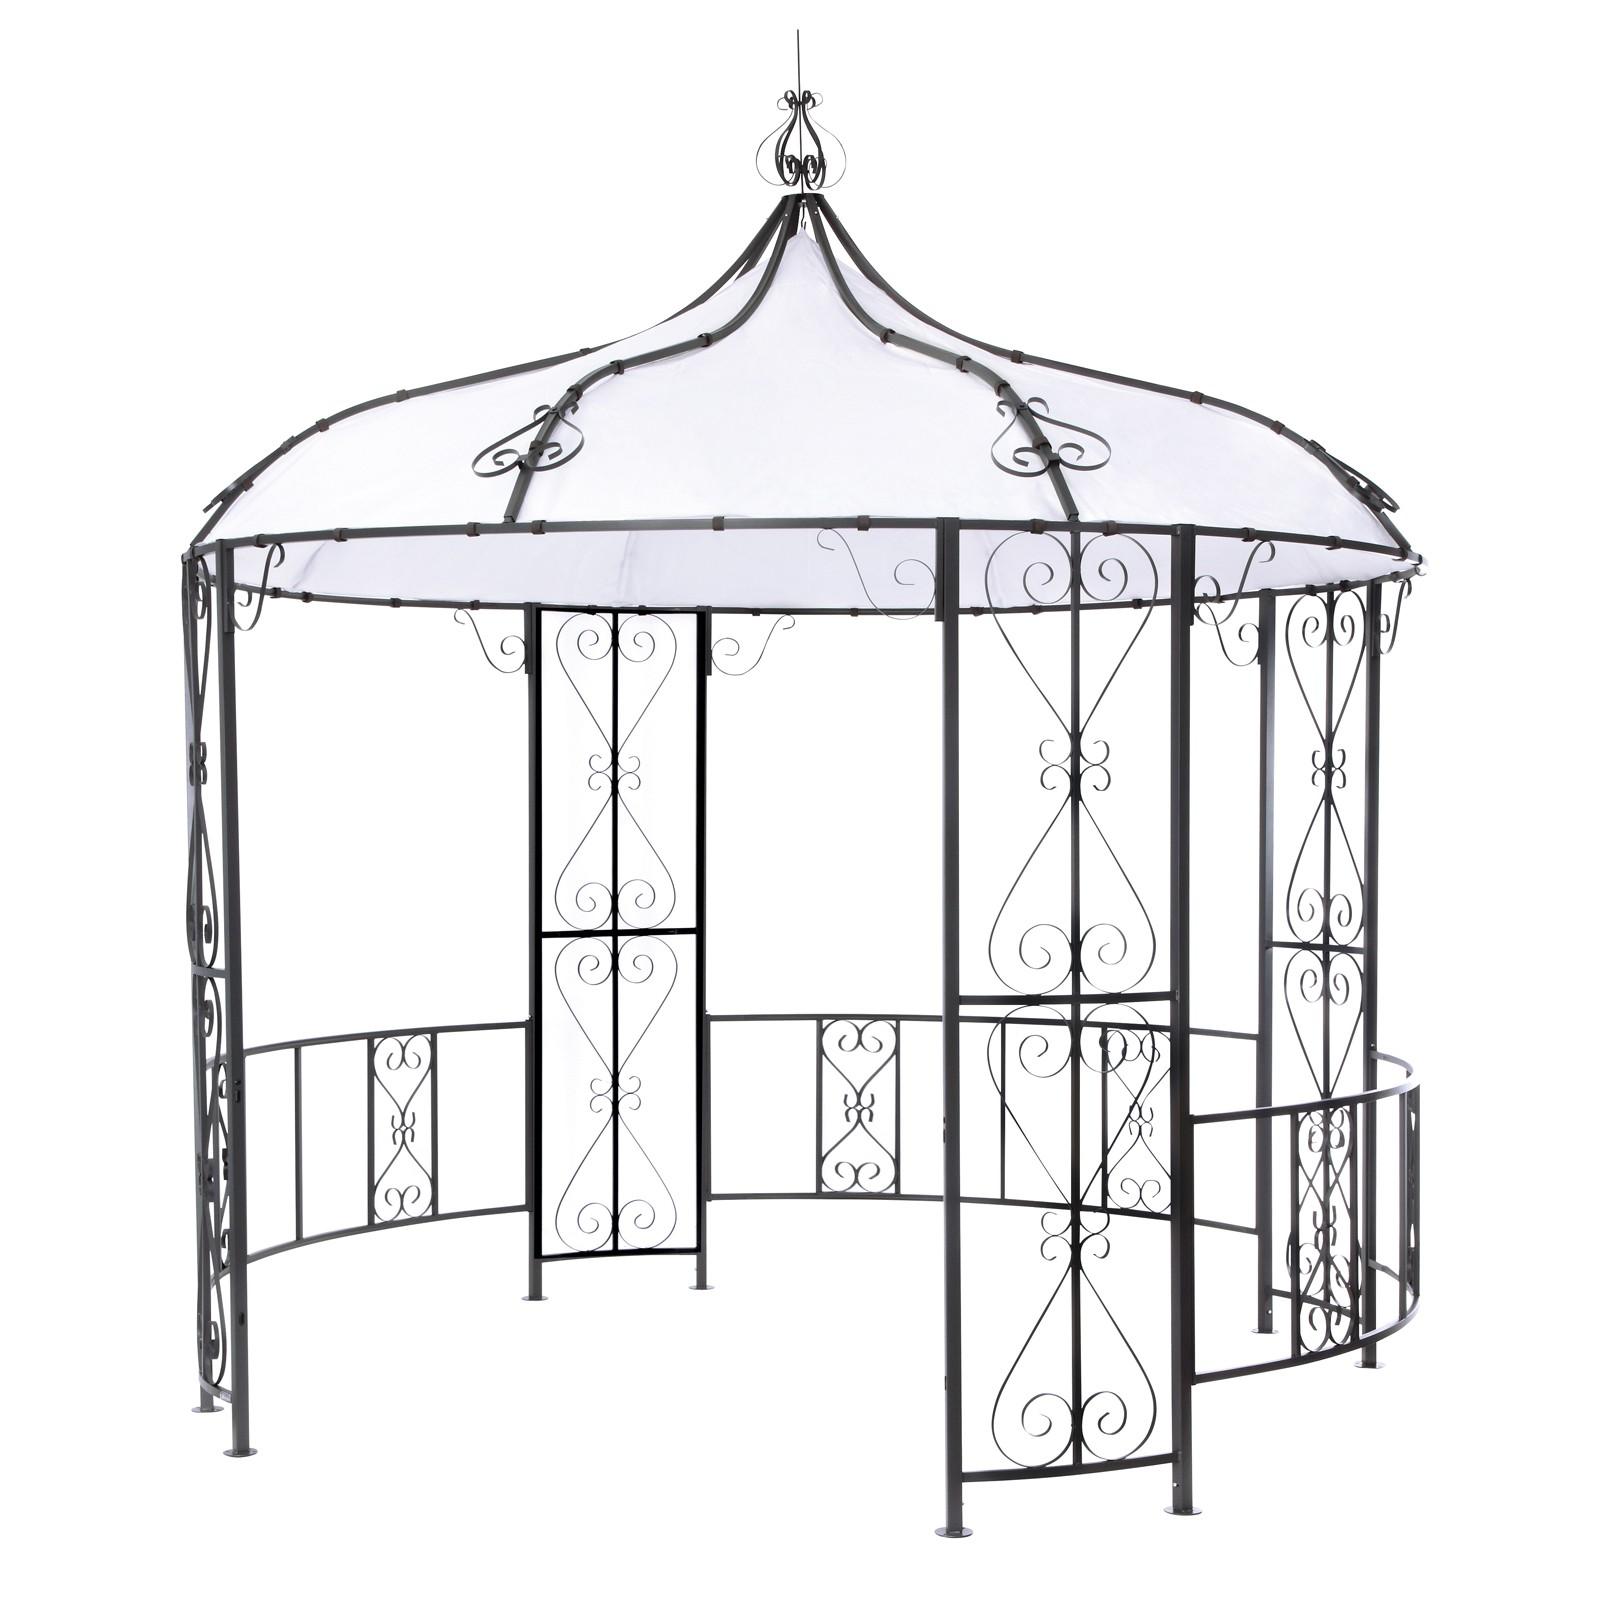 Full Size of Pavillon Rund Metall Gebraucht Ersatzdach Beige 3 5m Durchmesser Holz 6m 4 M 3m Pool Geschlossen Selber Bauen 2 200 Cm Mit Dach 4m Tepro Rowa Gartenpavillon Wohnzimmer Pavillon Rund